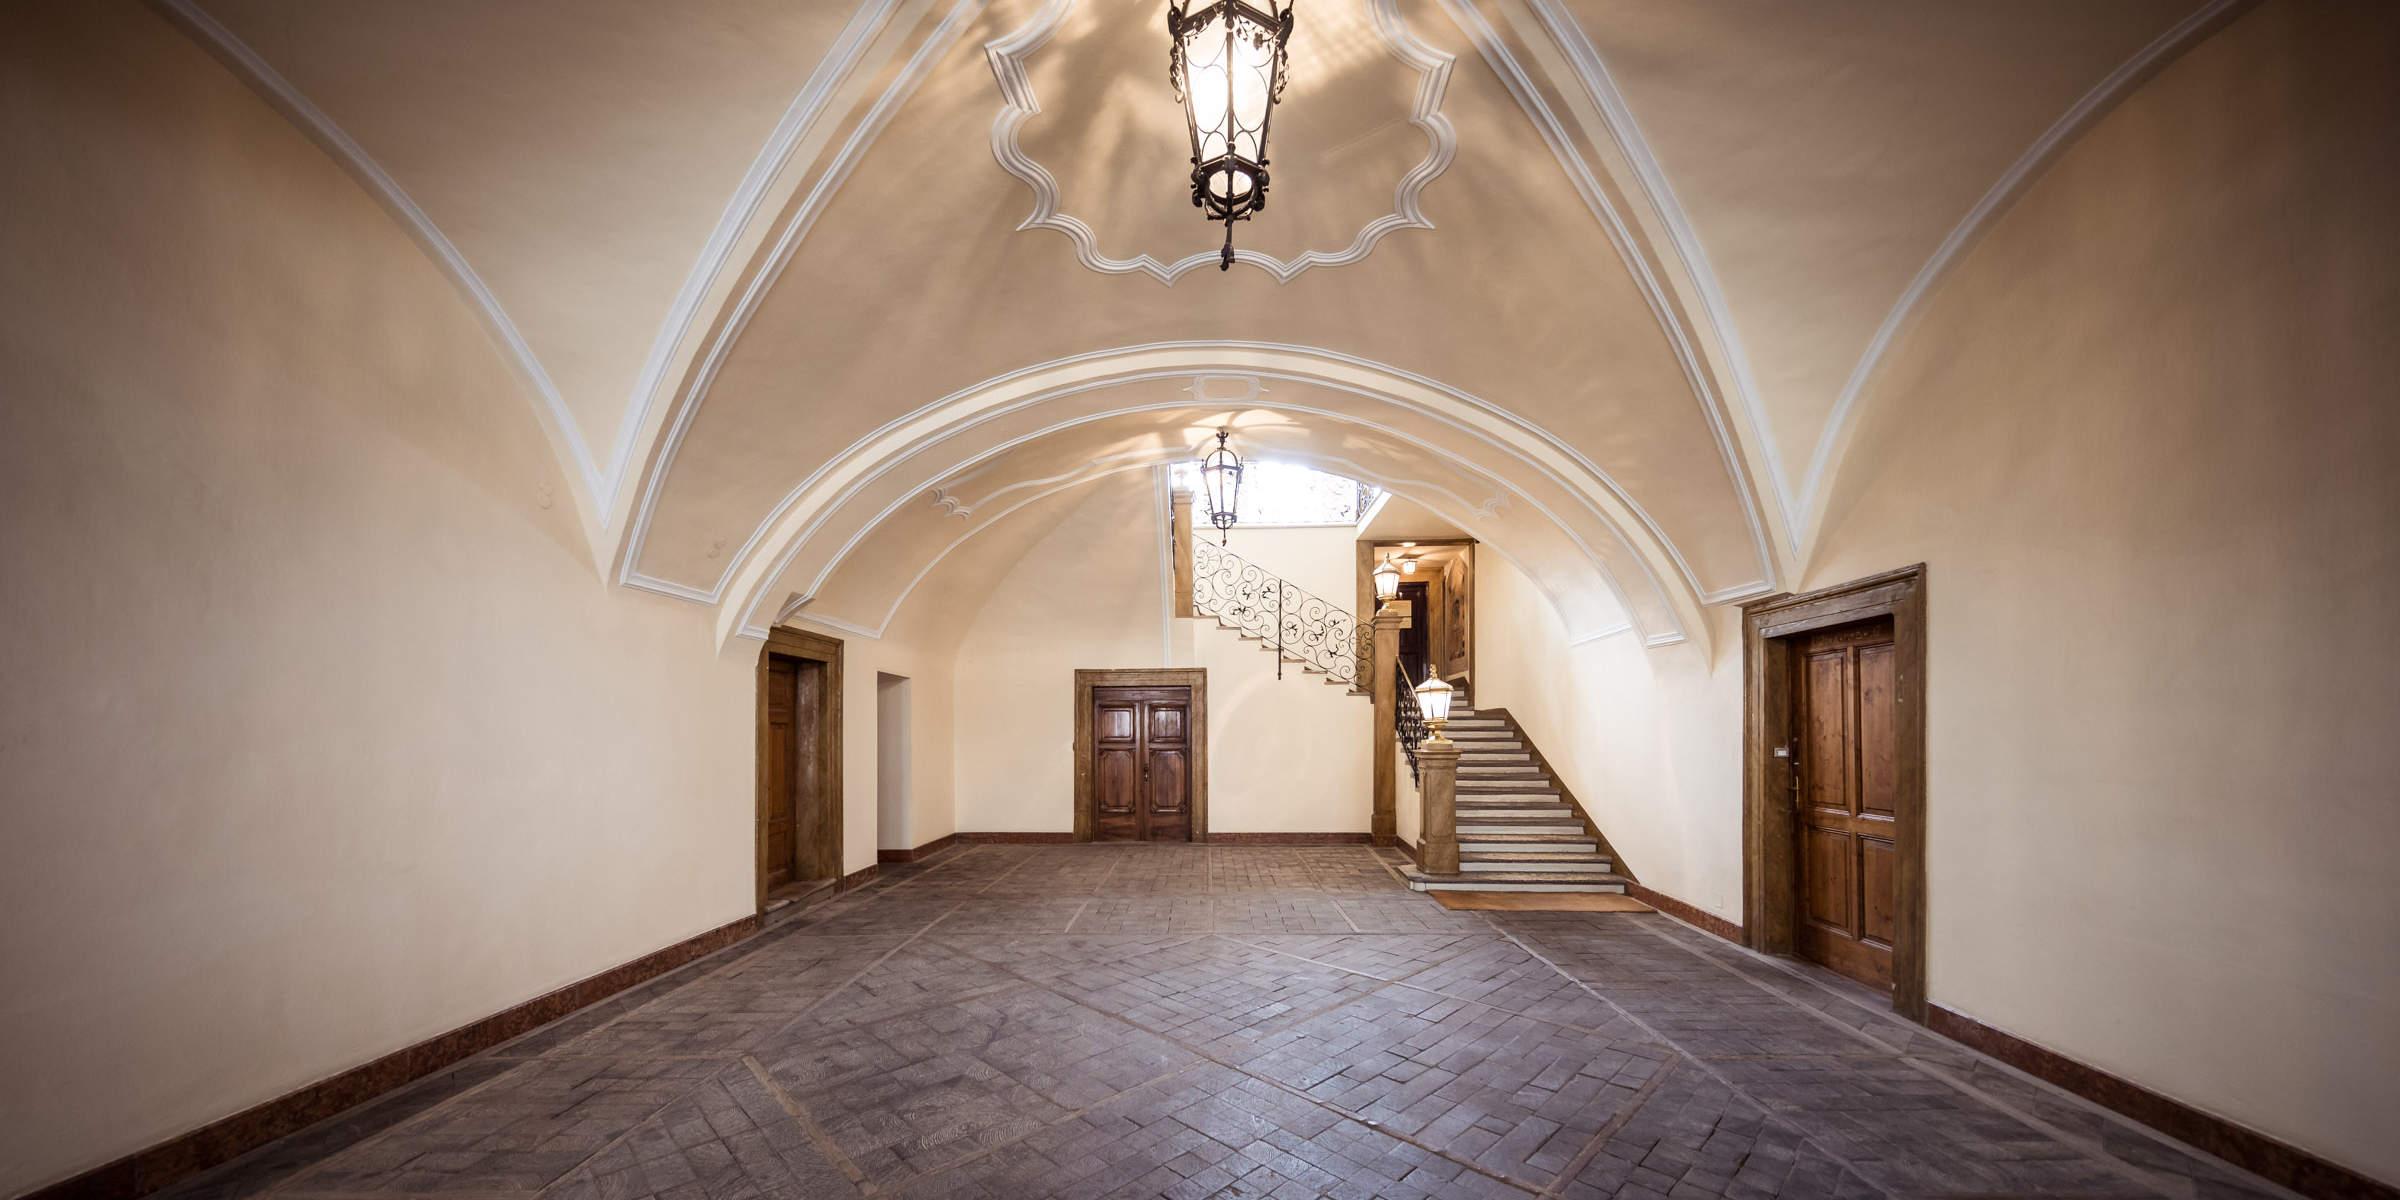 historische Eingangshalle der Kanzlei in Bozen - ehemalige Kutschenhalle